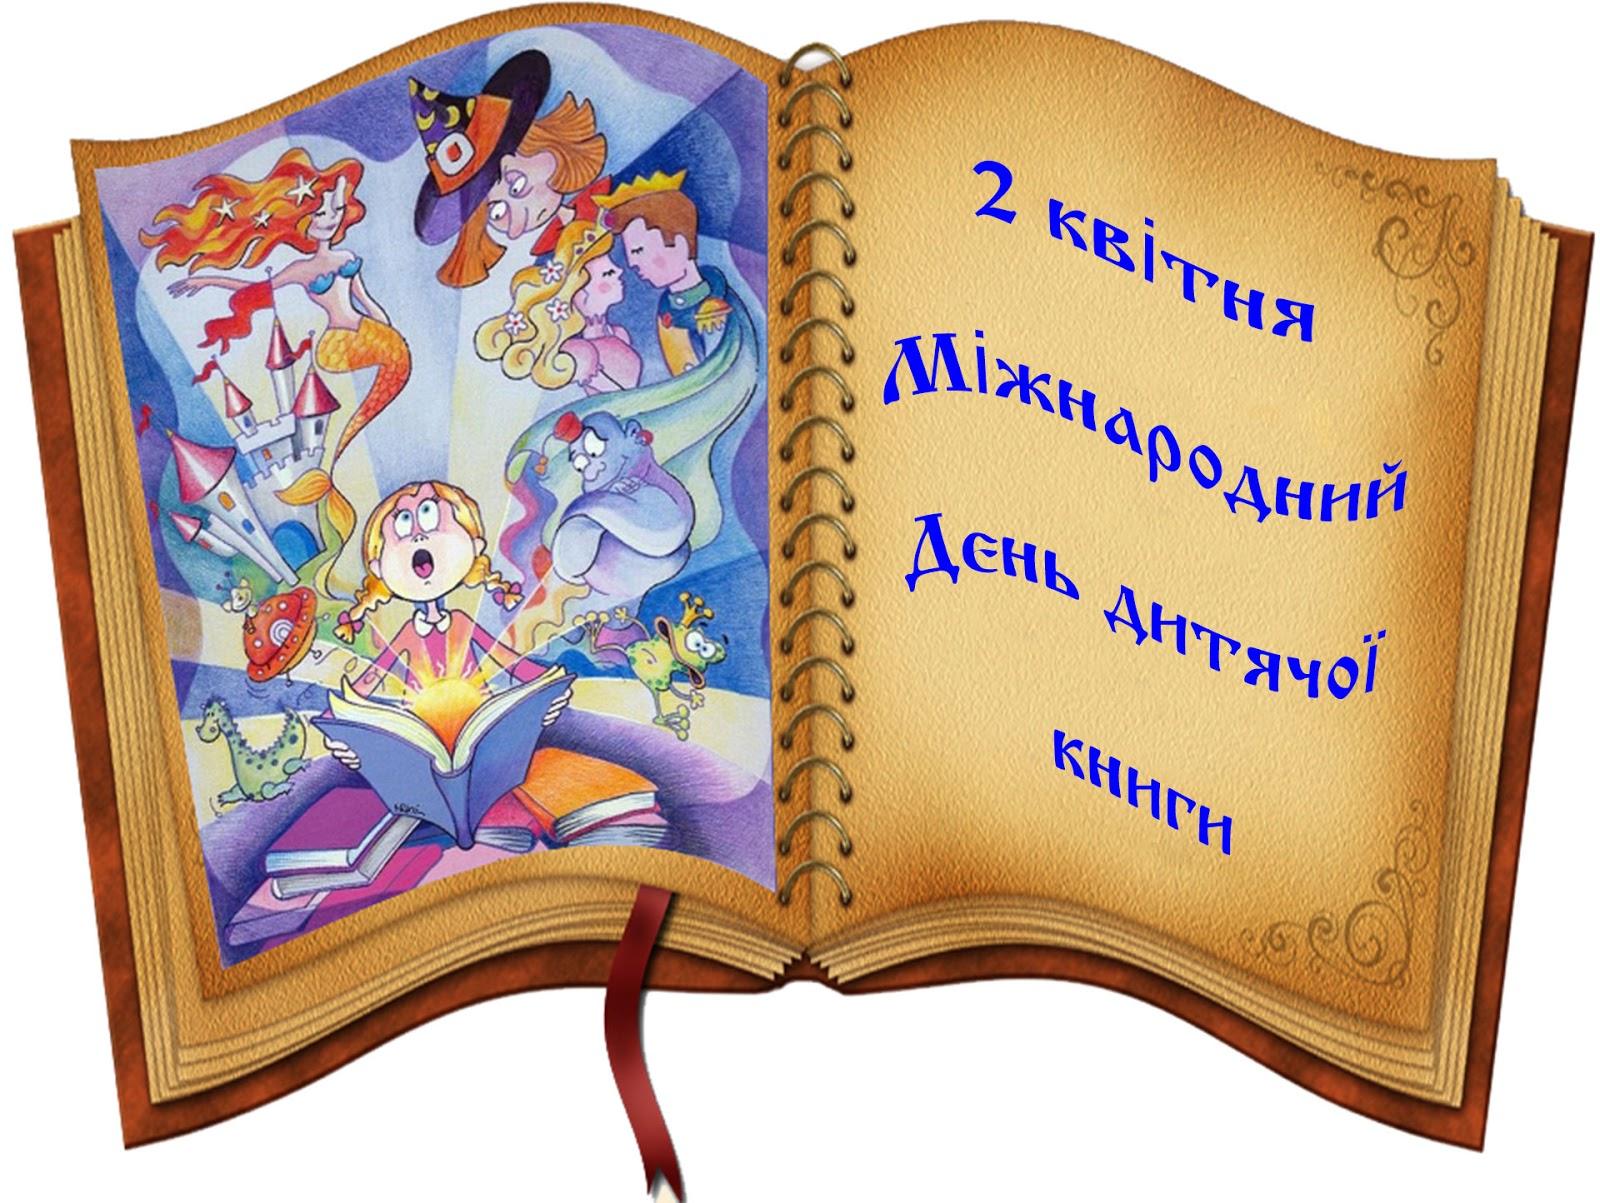 Картинки по запросу міжнародний день дитячої книги в бібліотеці